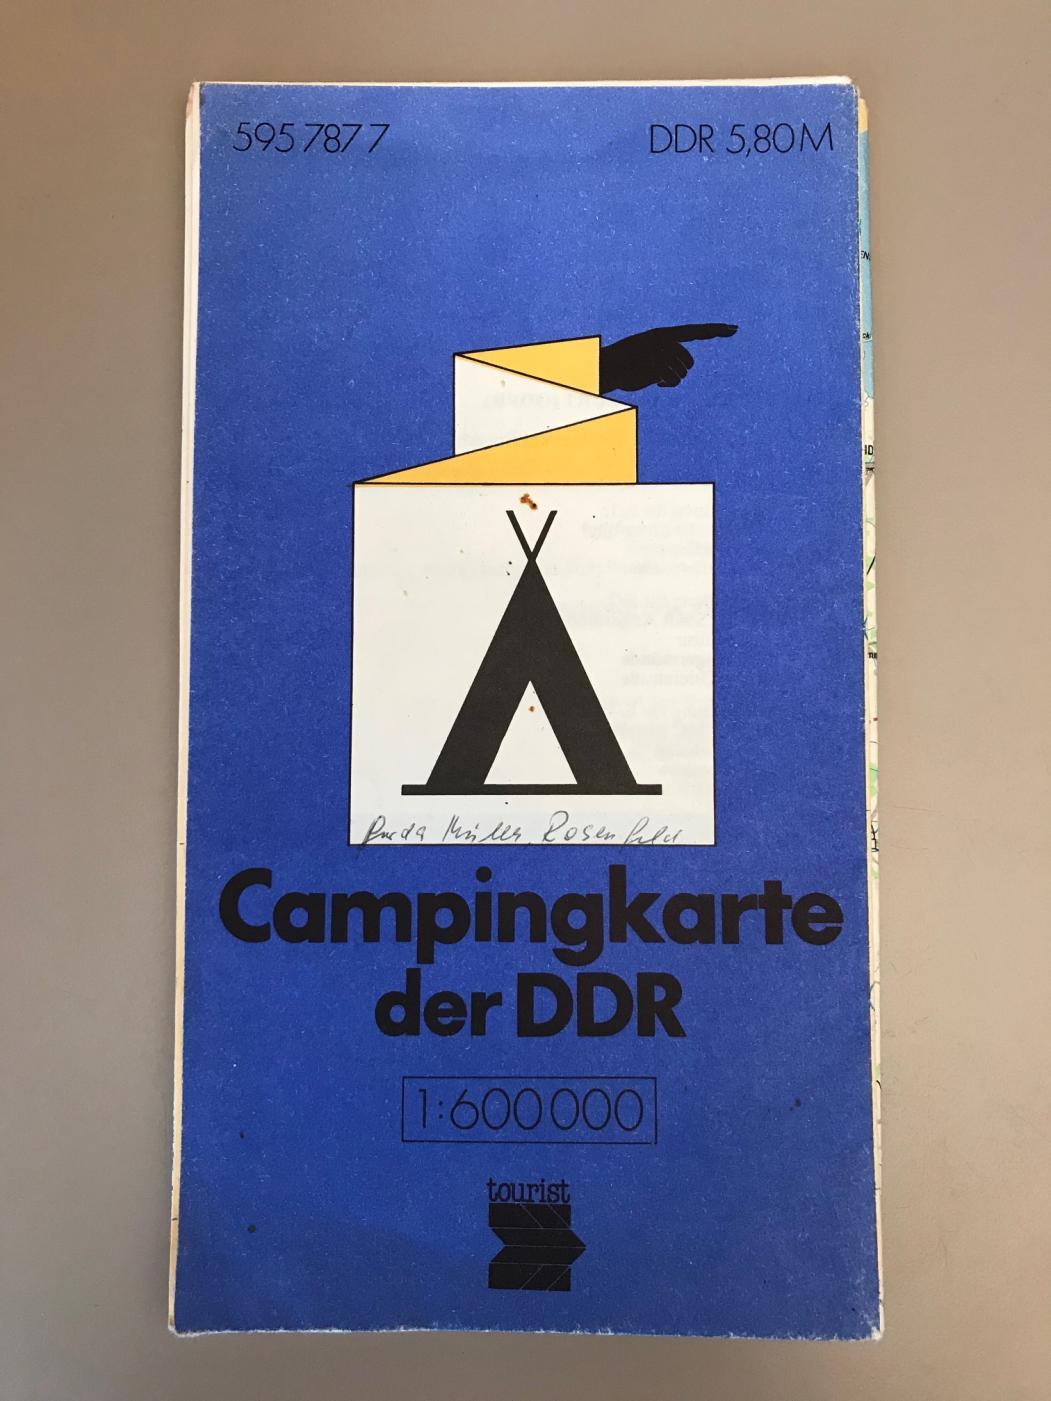 GDR-Maps_19